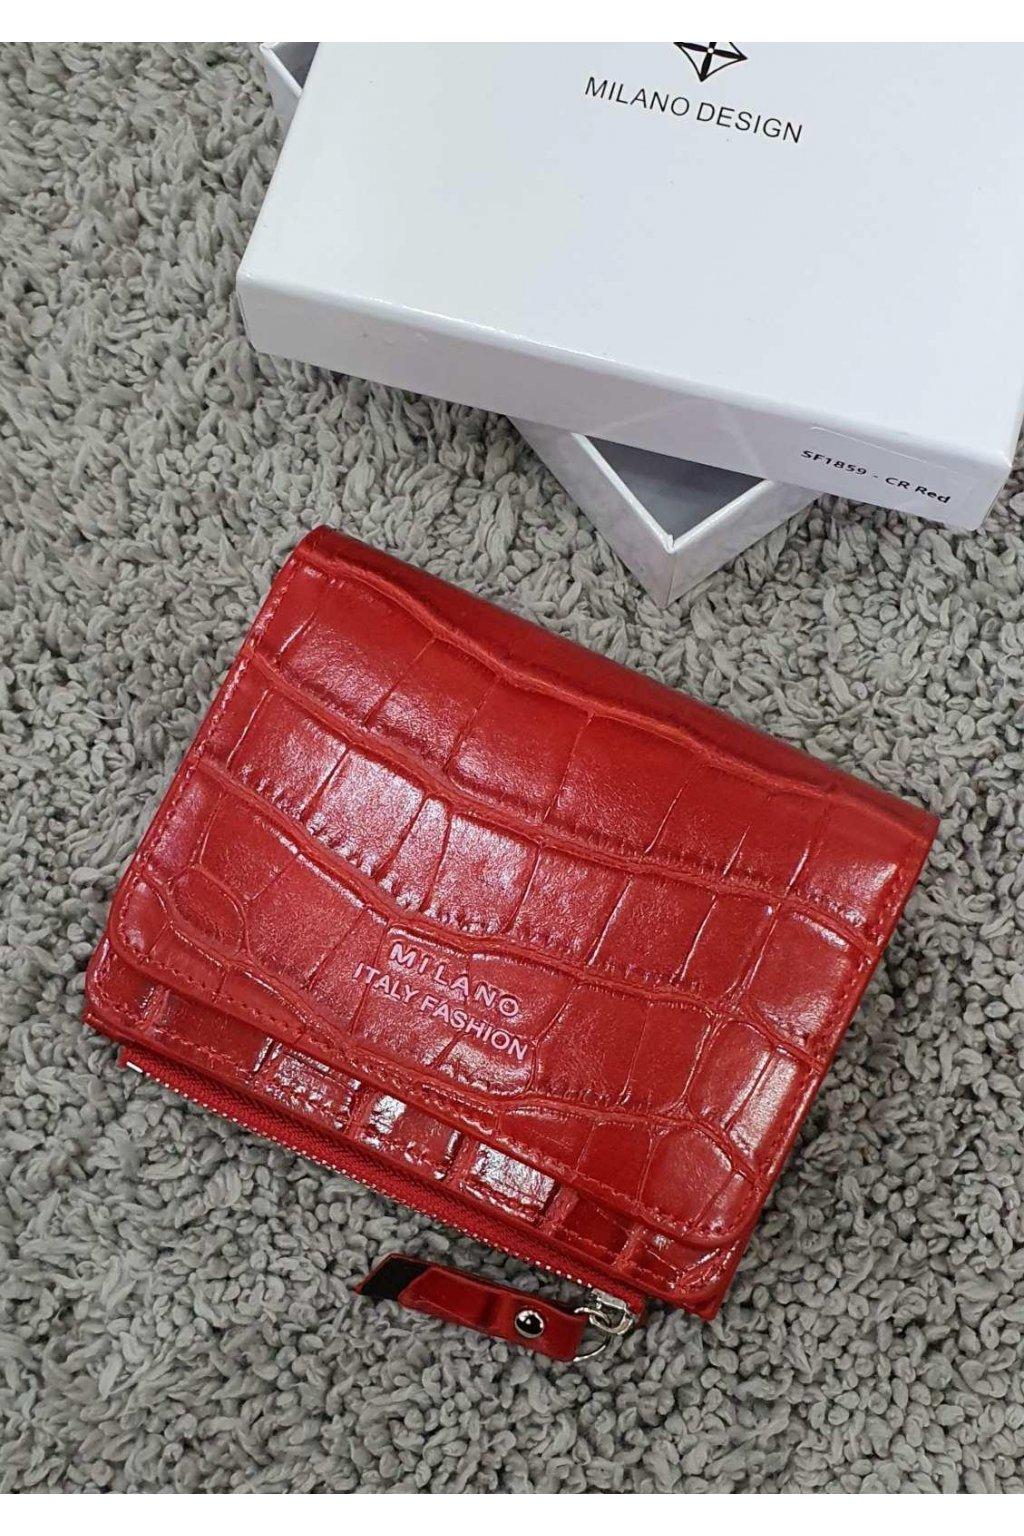 Peněženka Milano Fashion červená